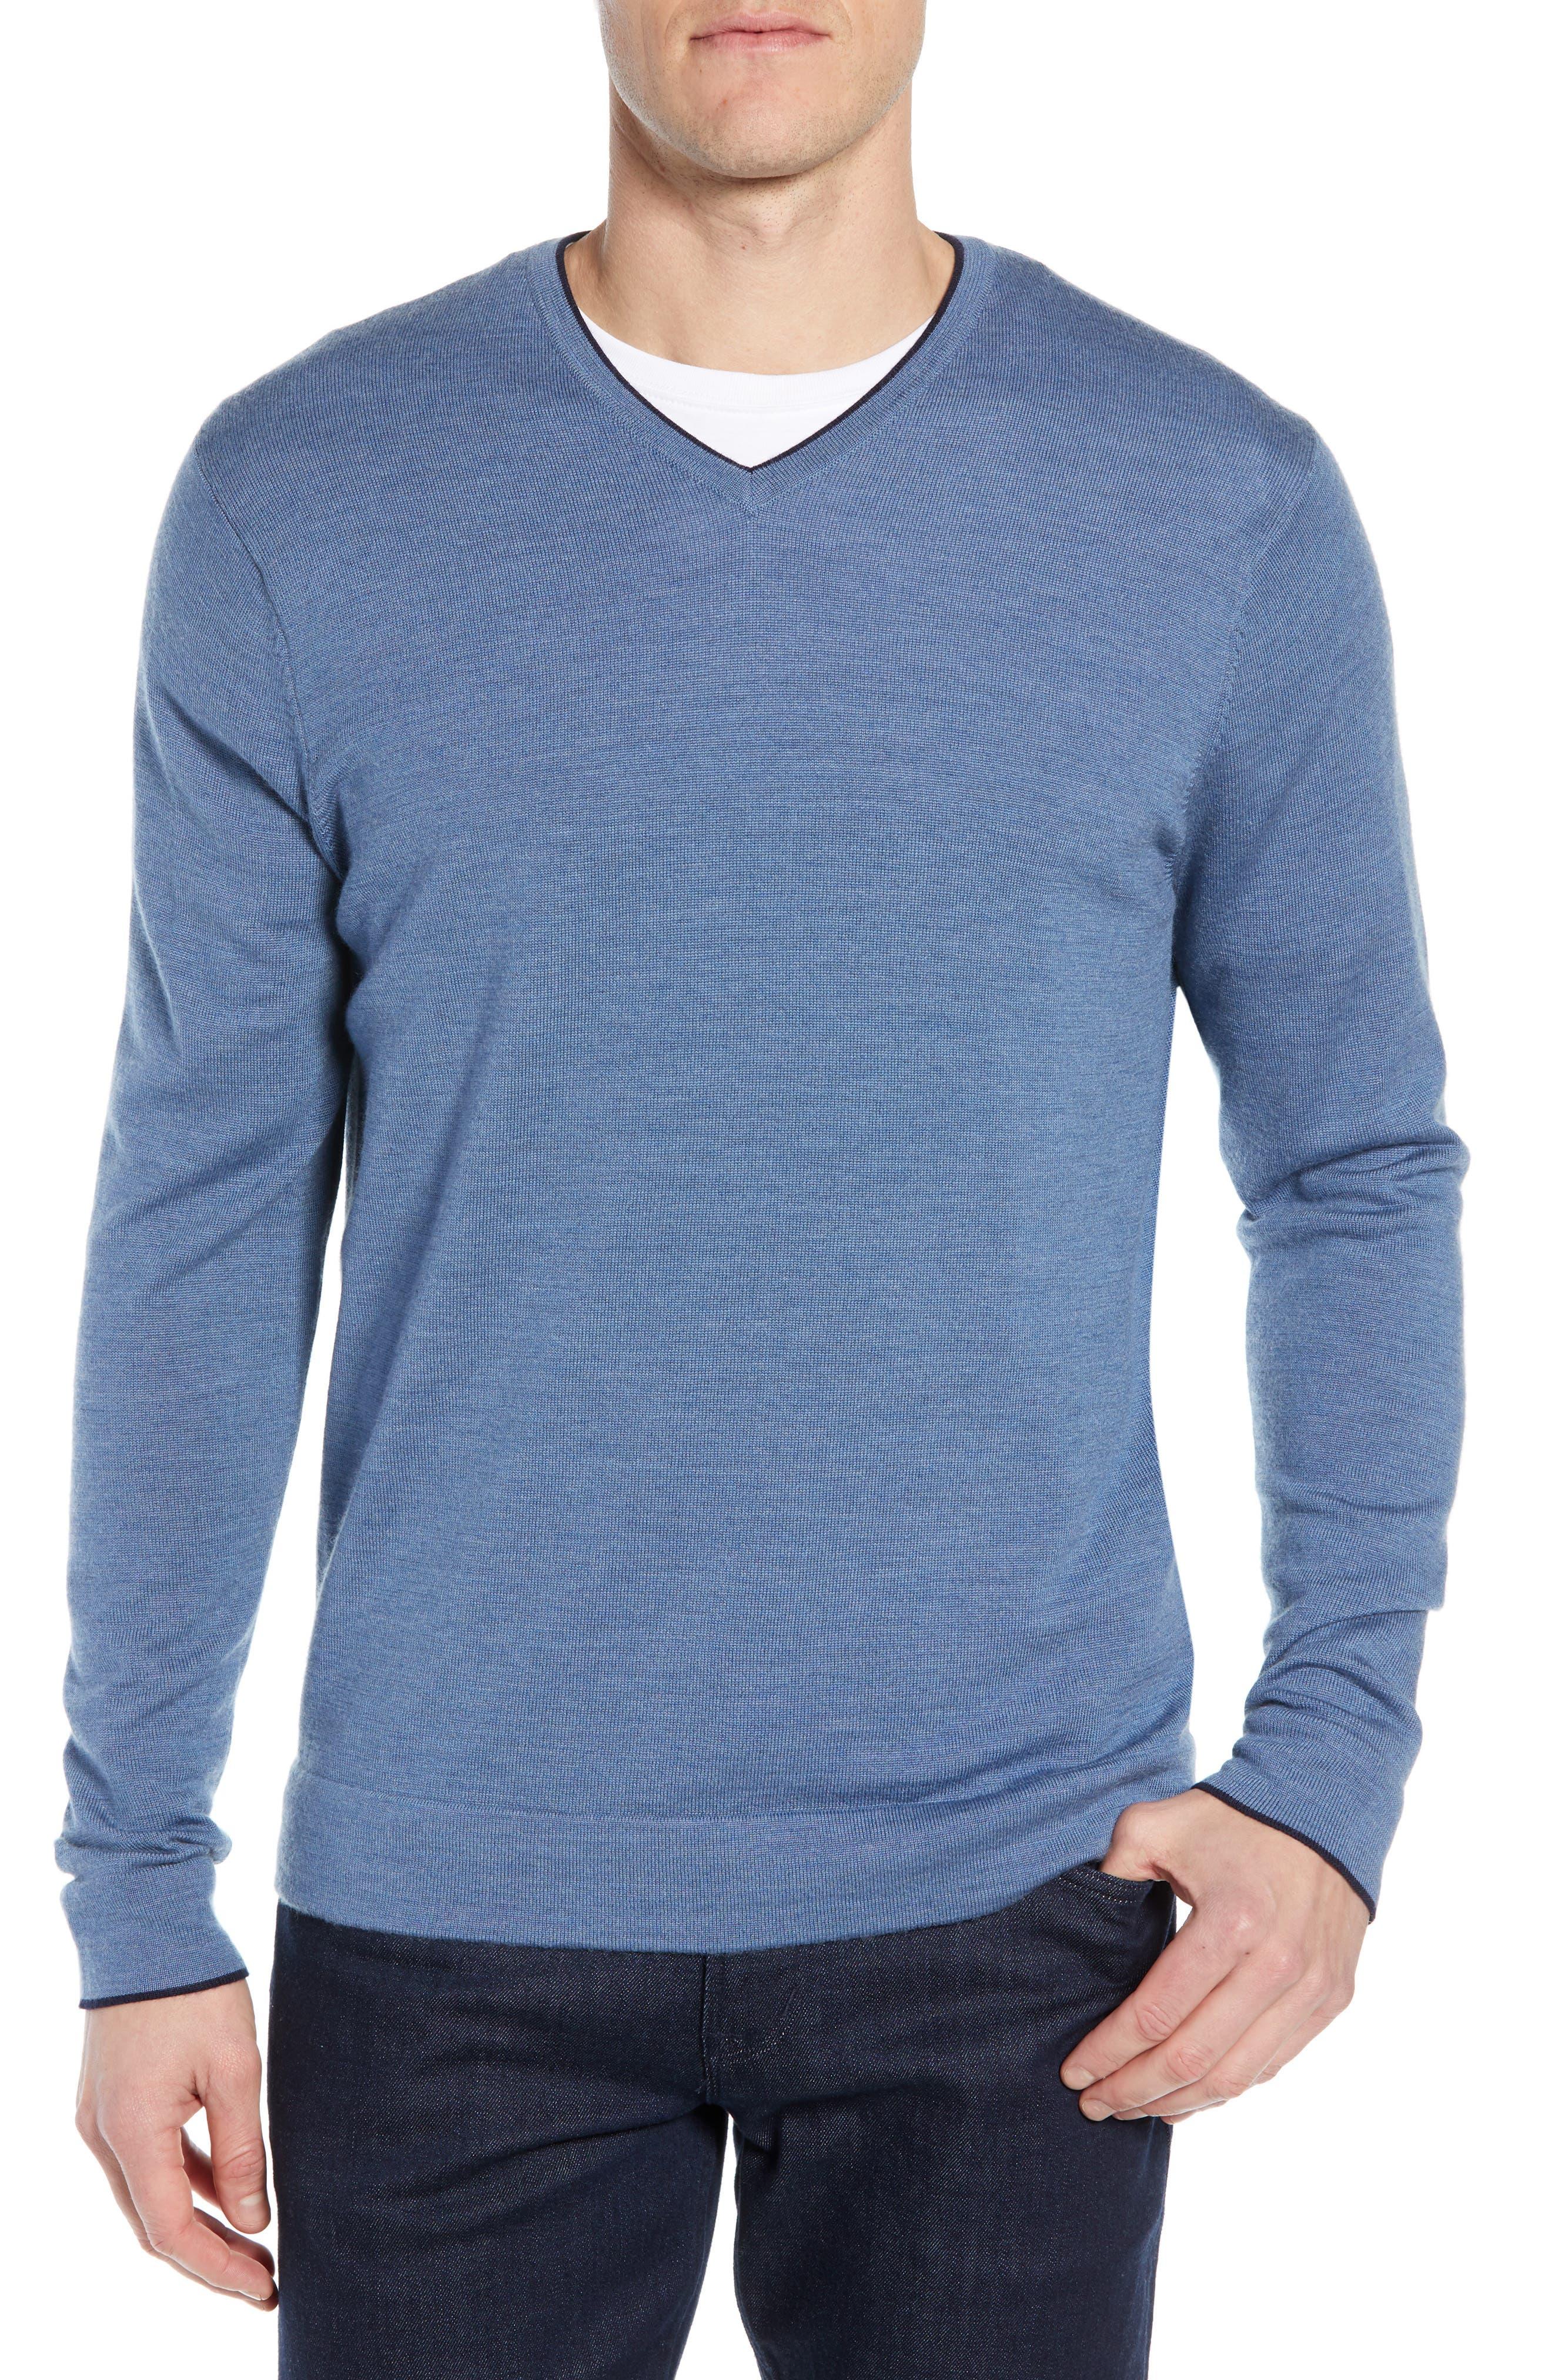 Nordstrom Signature Varsity Merino Wool Blend V-Neck Sweater, Burgundy